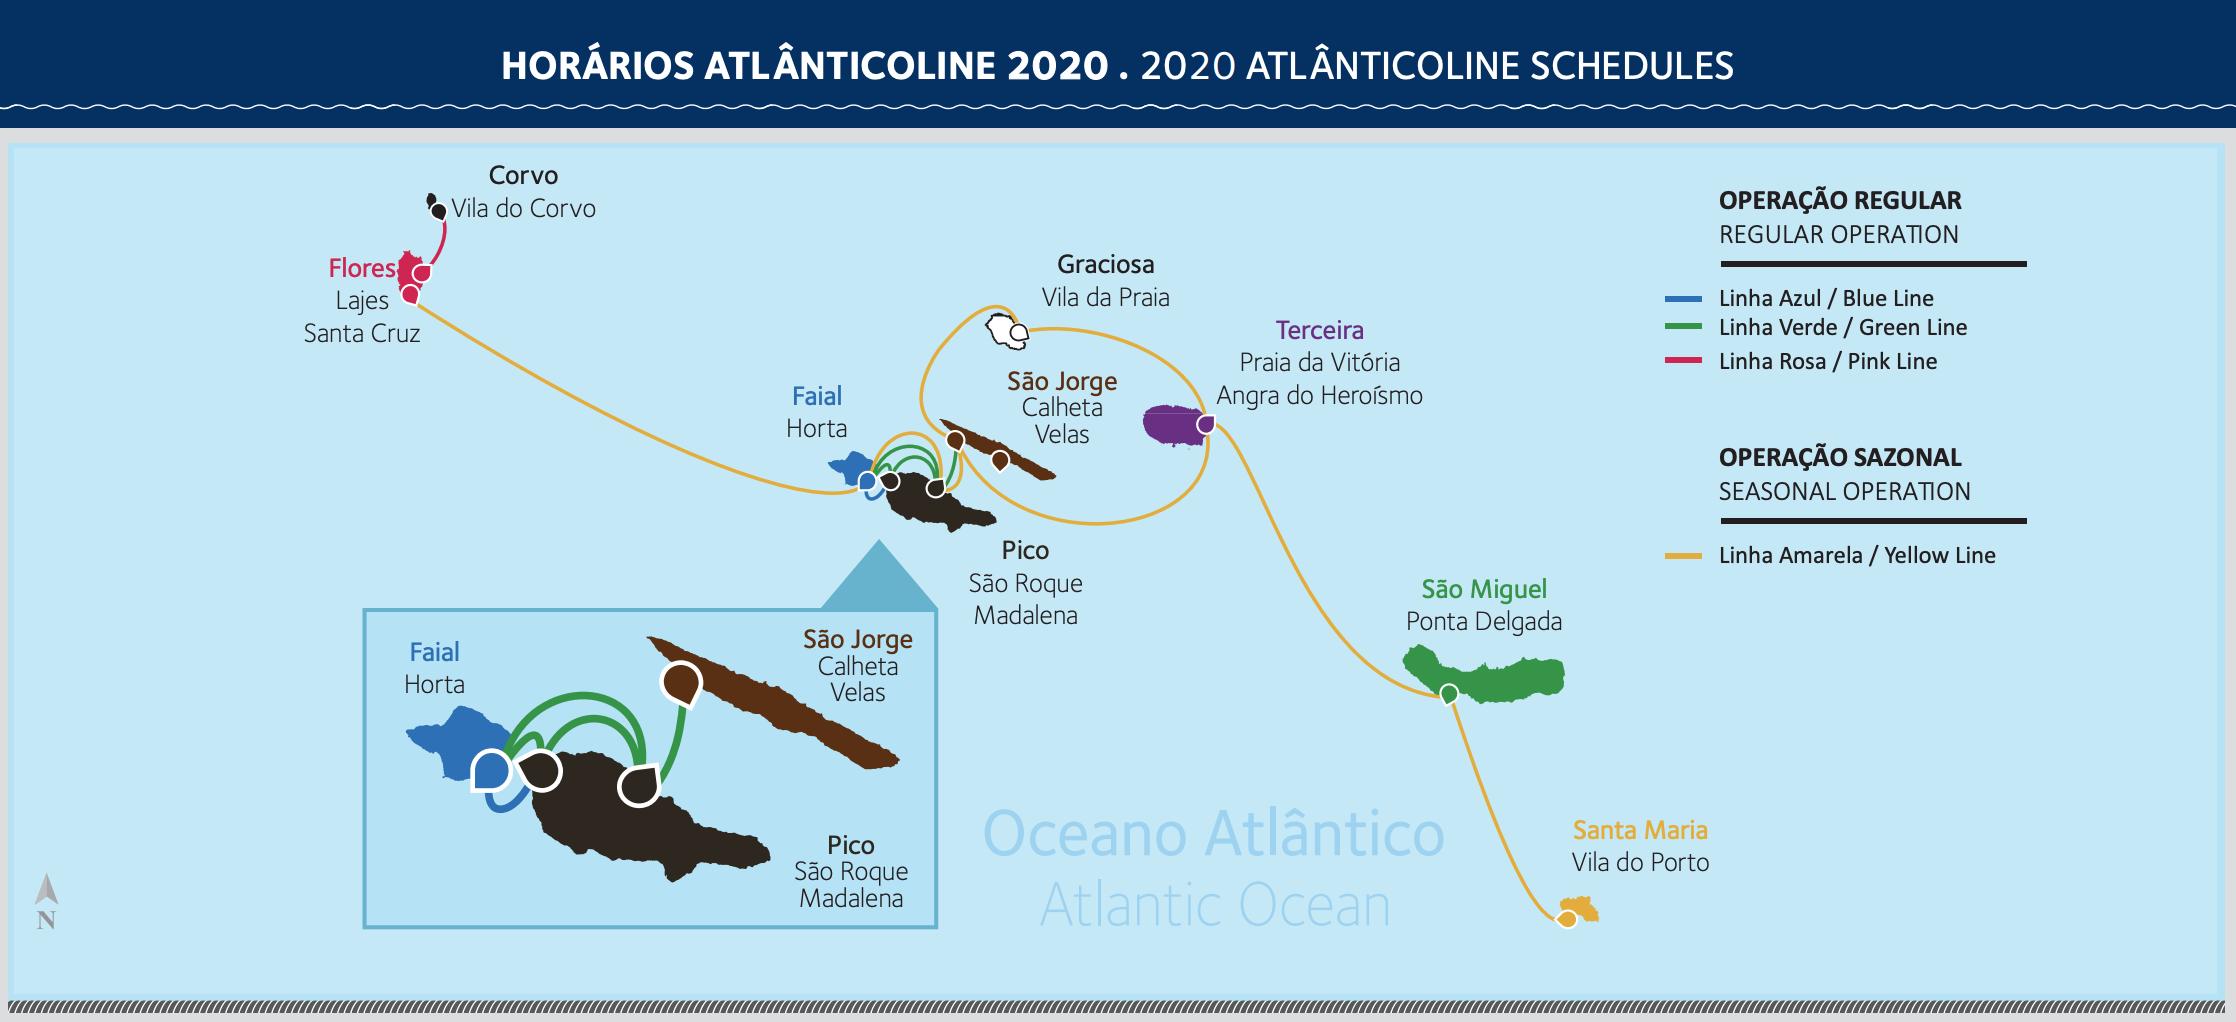 Atlânticoline - Horários 2020